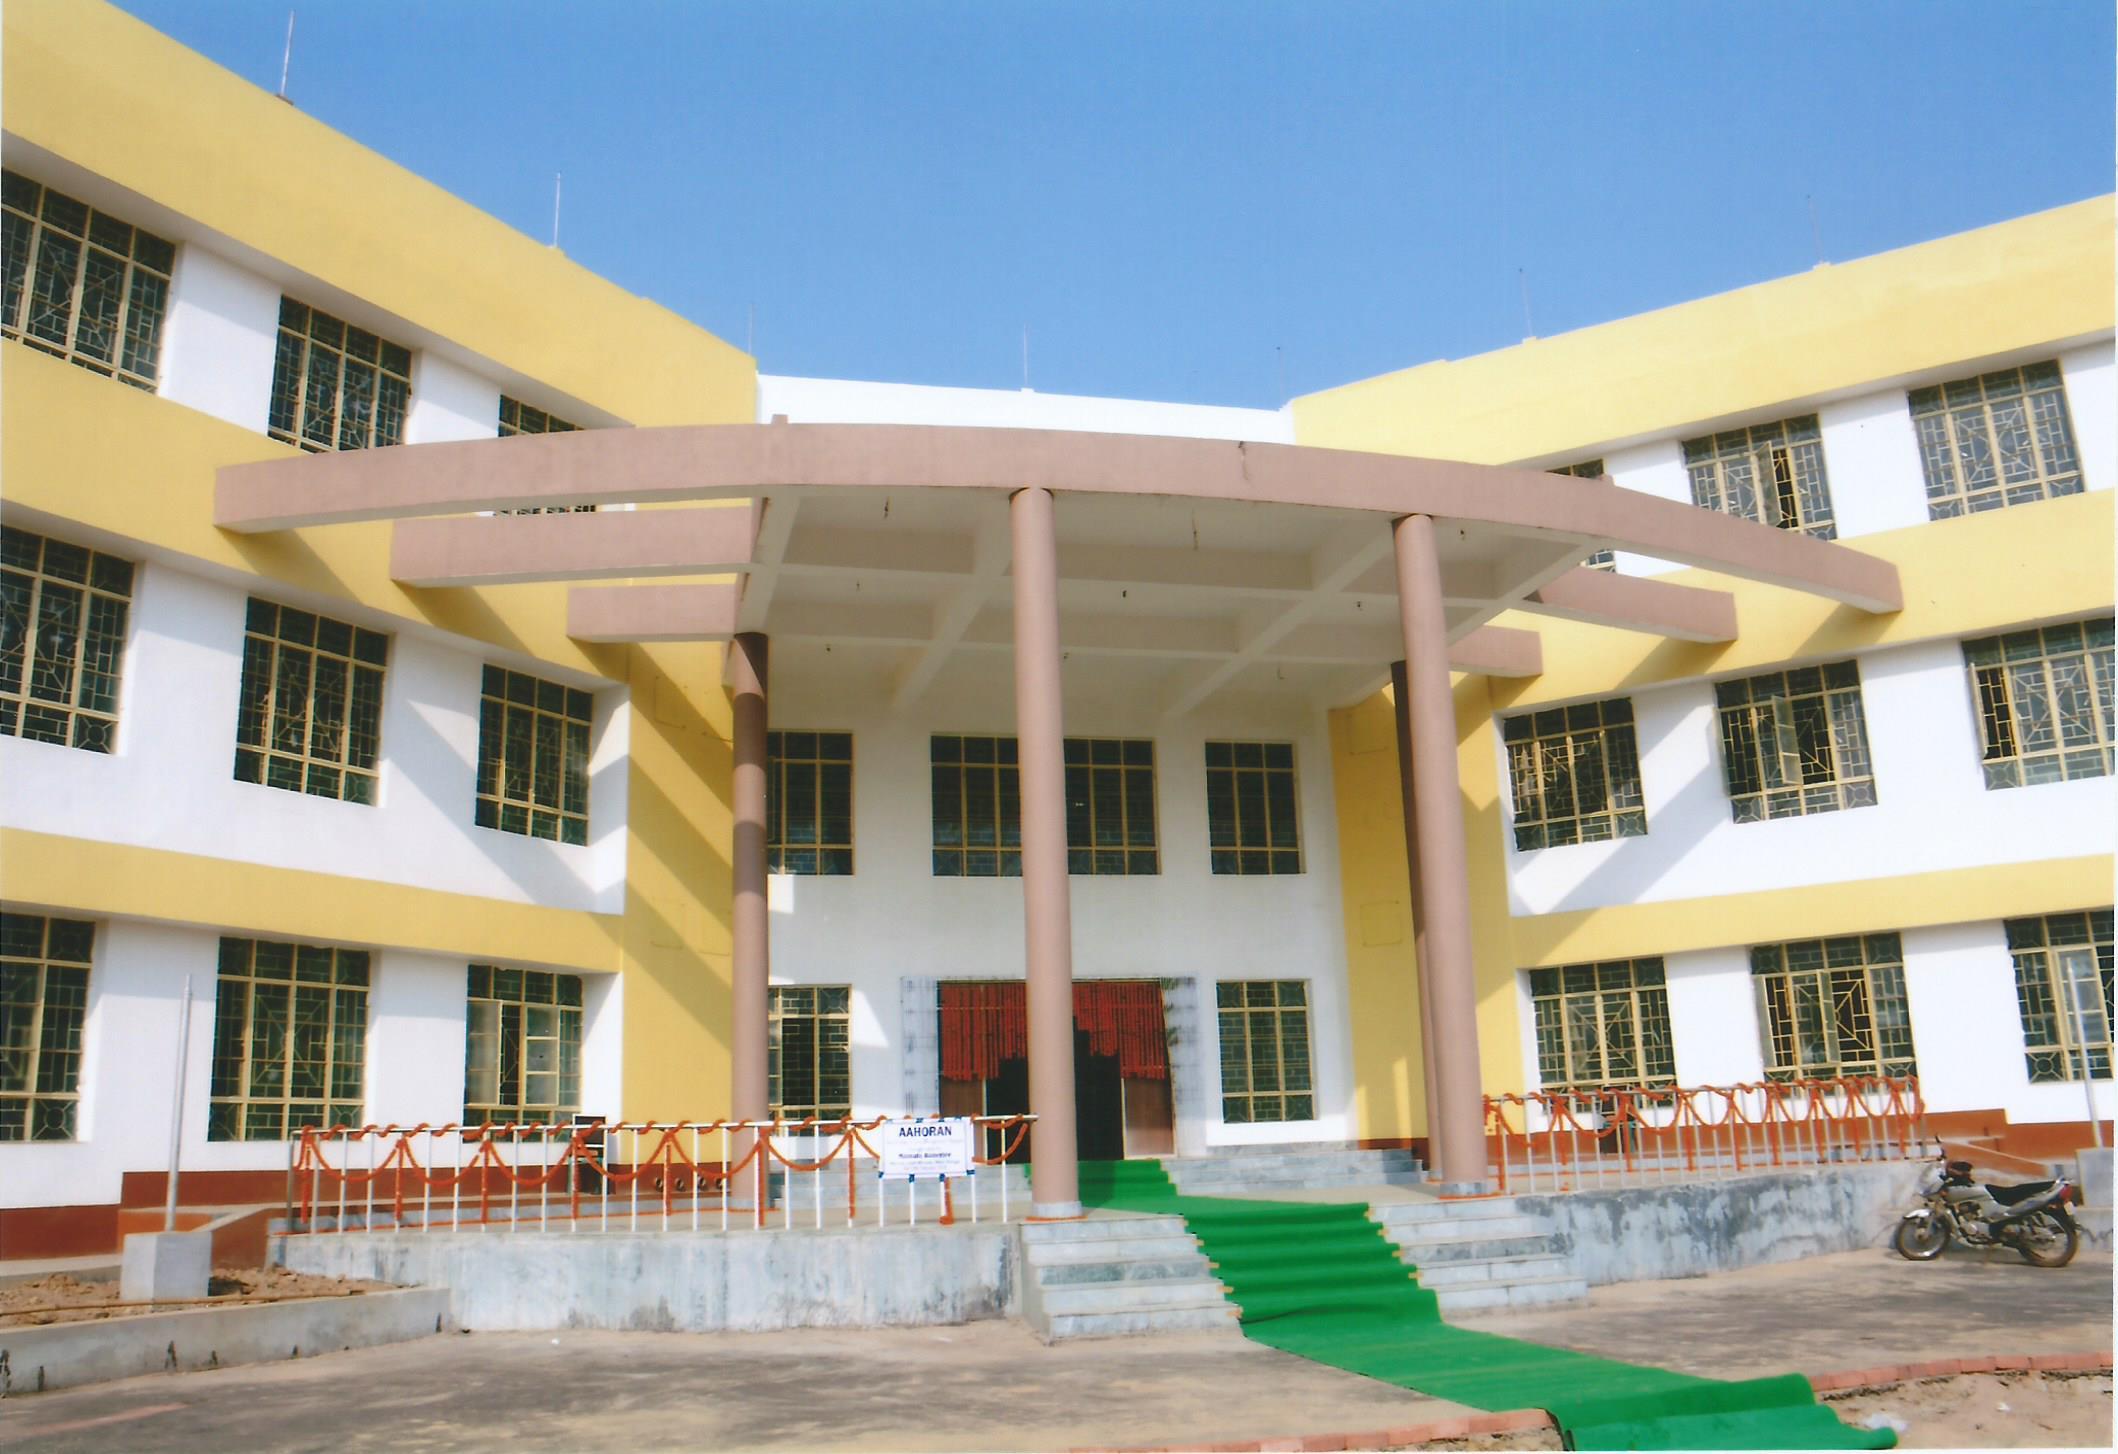 State Institute of Hotel Management at Durgapur